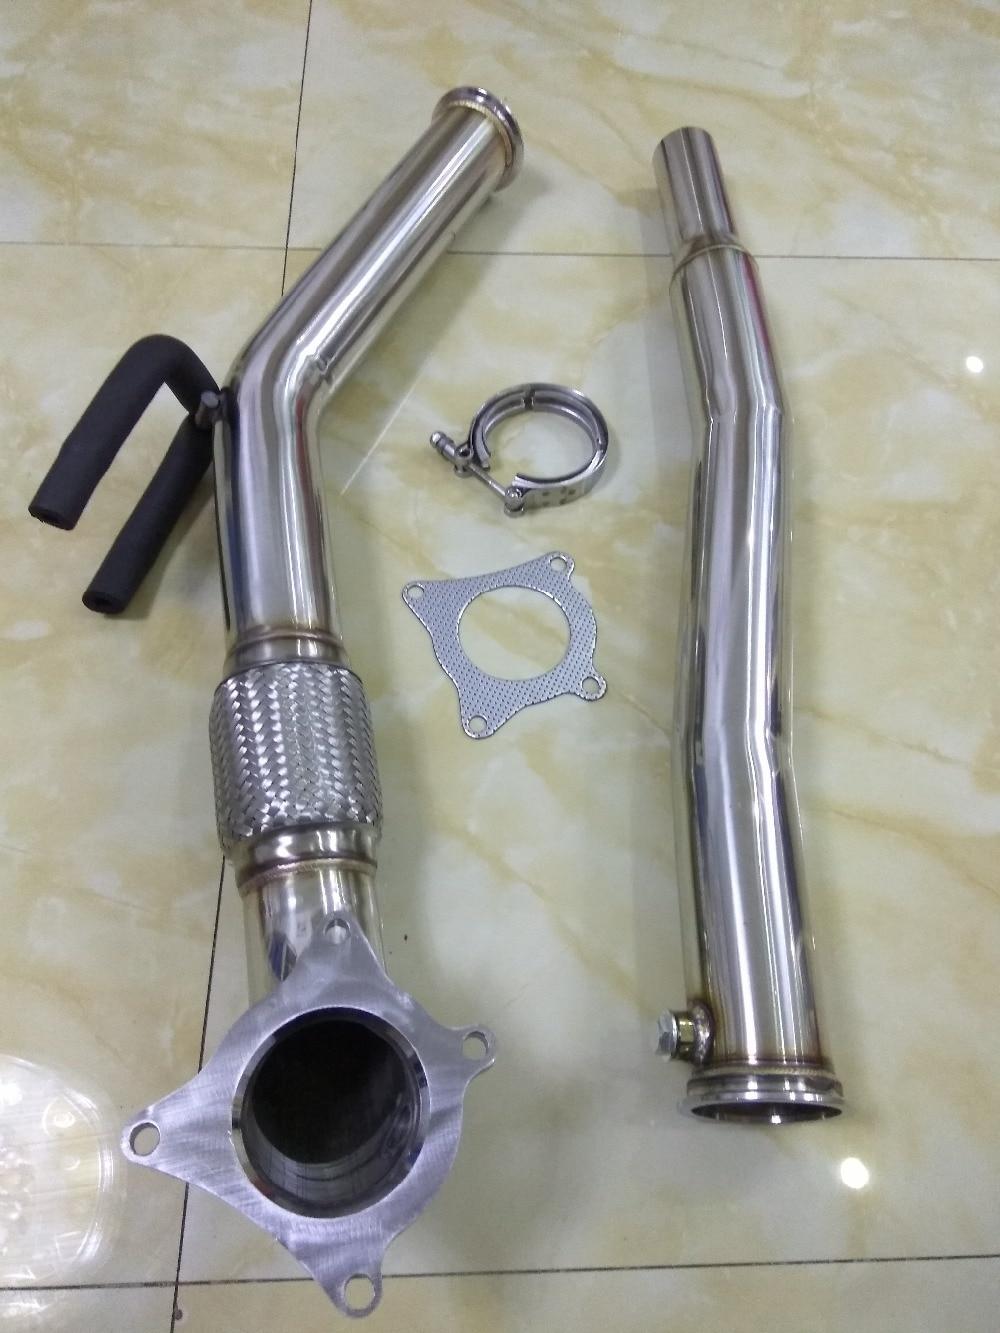 Unten rohr für GOLF GTI 2,0 A3 FSI SITZ LEON FR CUPRA MK5 MK6 UNTEN ROHR FALLROHR jetta dump rohr 3.0